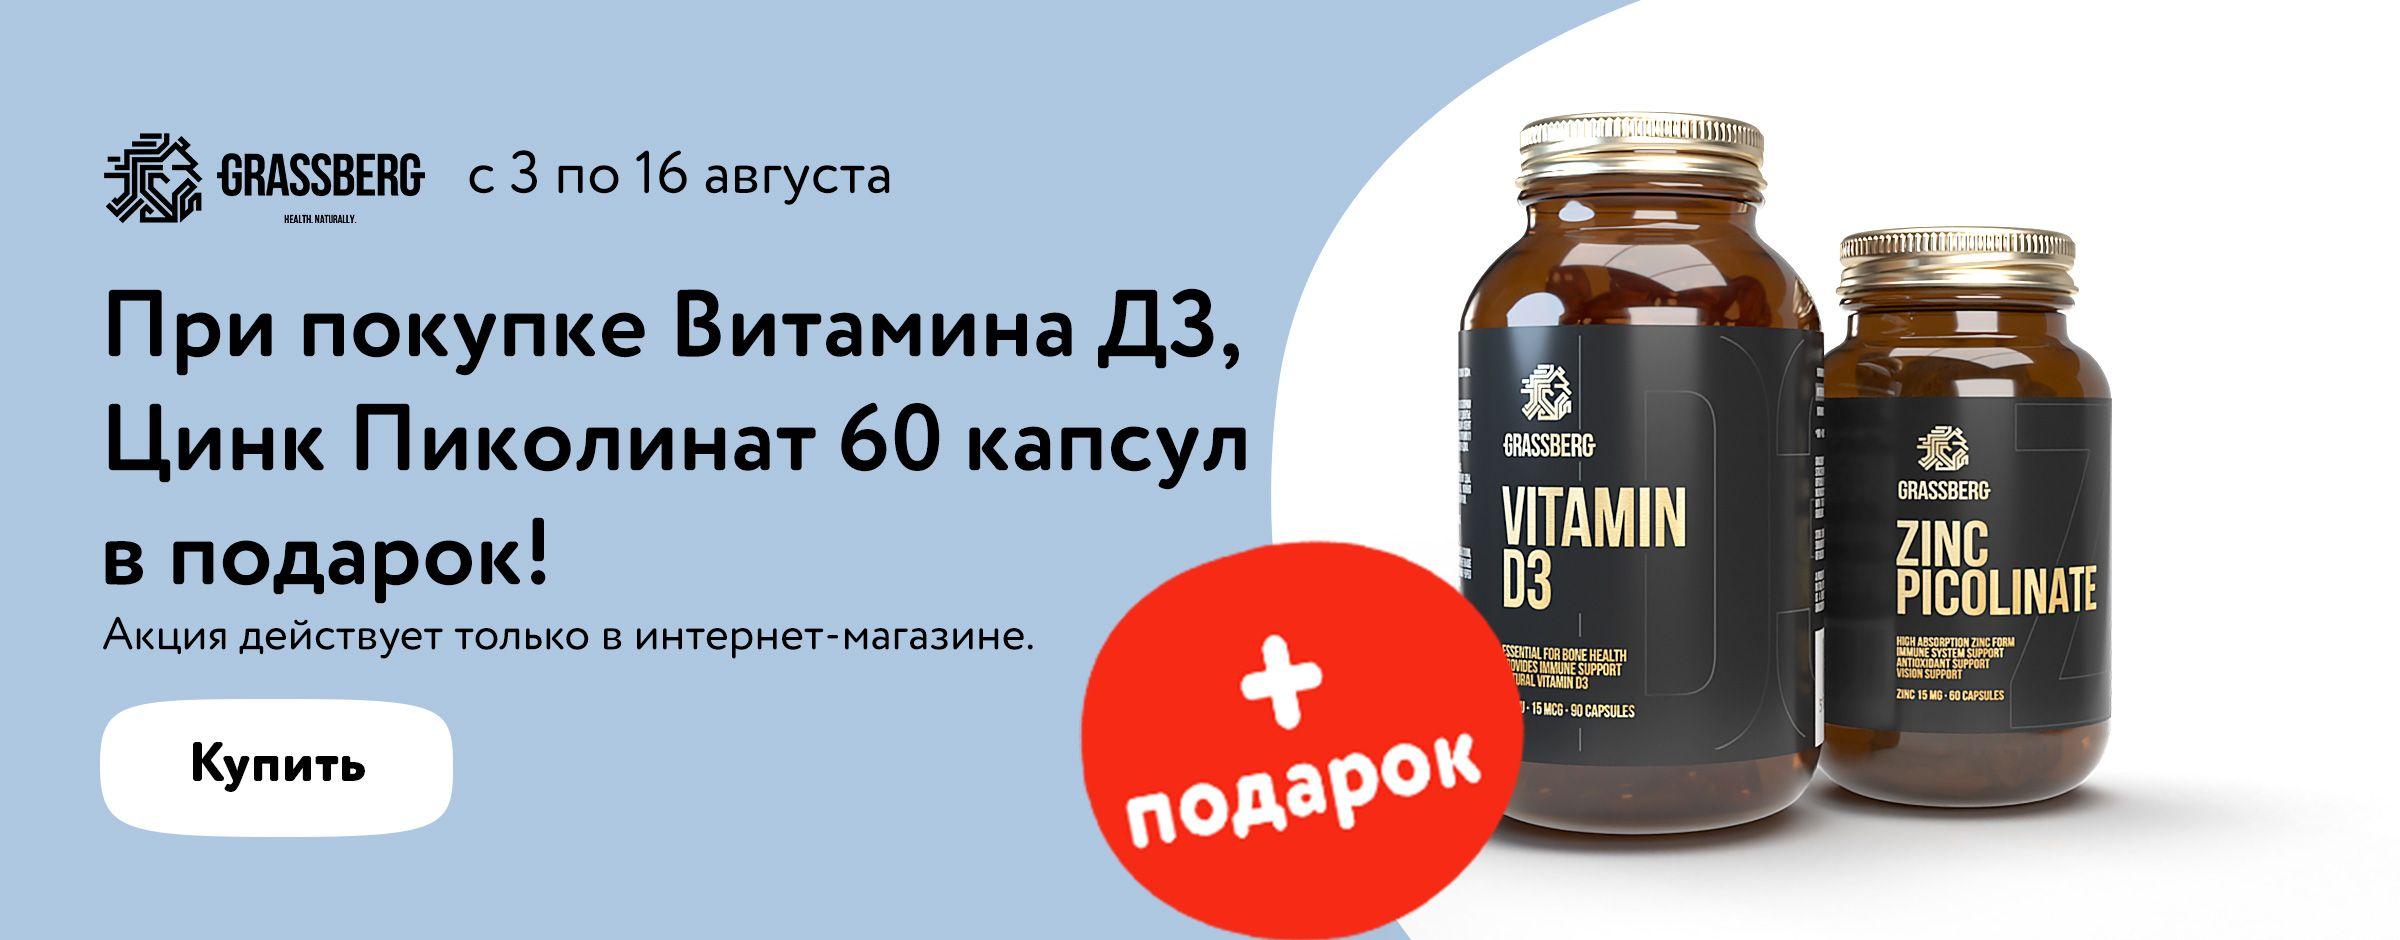 При покупке витамина Д3 Цинк Пиколинат в подарок категории